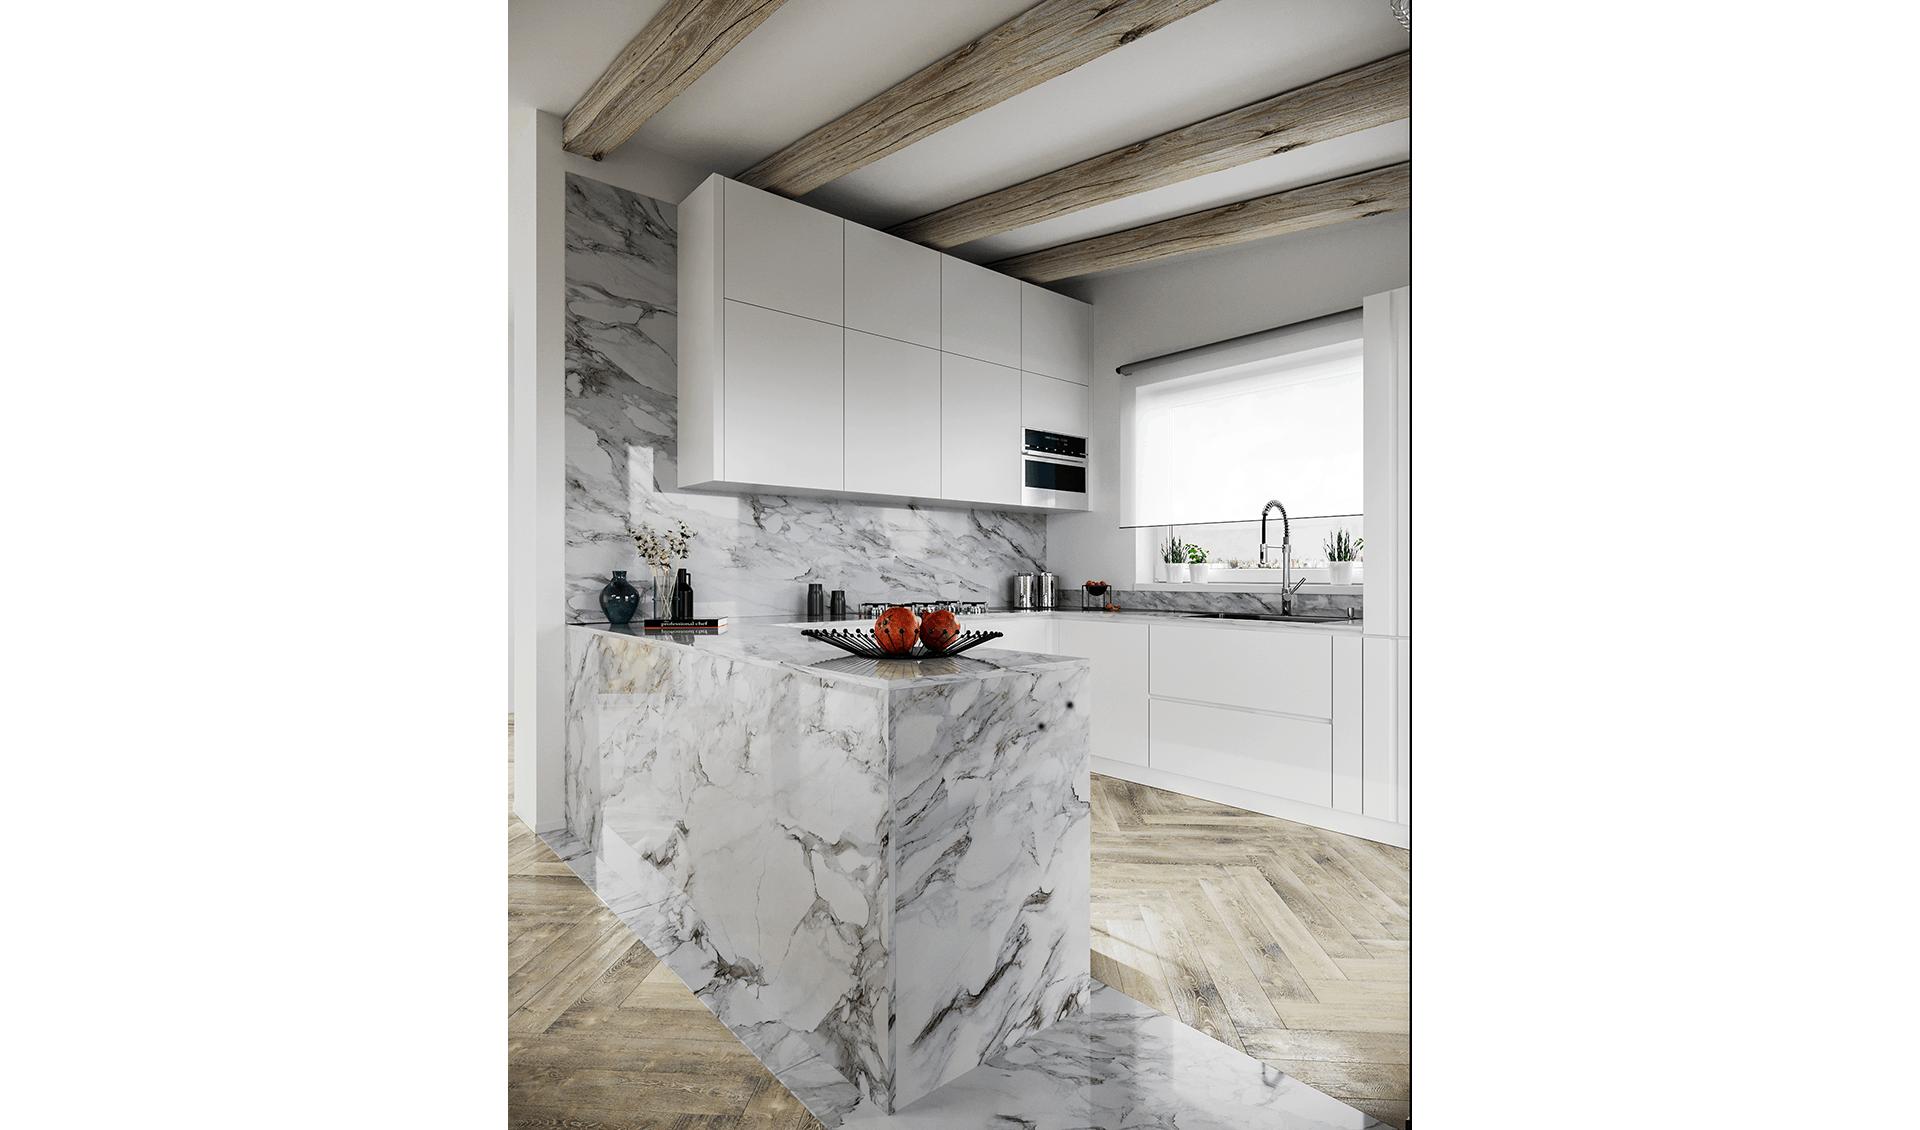 Cucina con marmo Progetti D'Amico Arreda Group